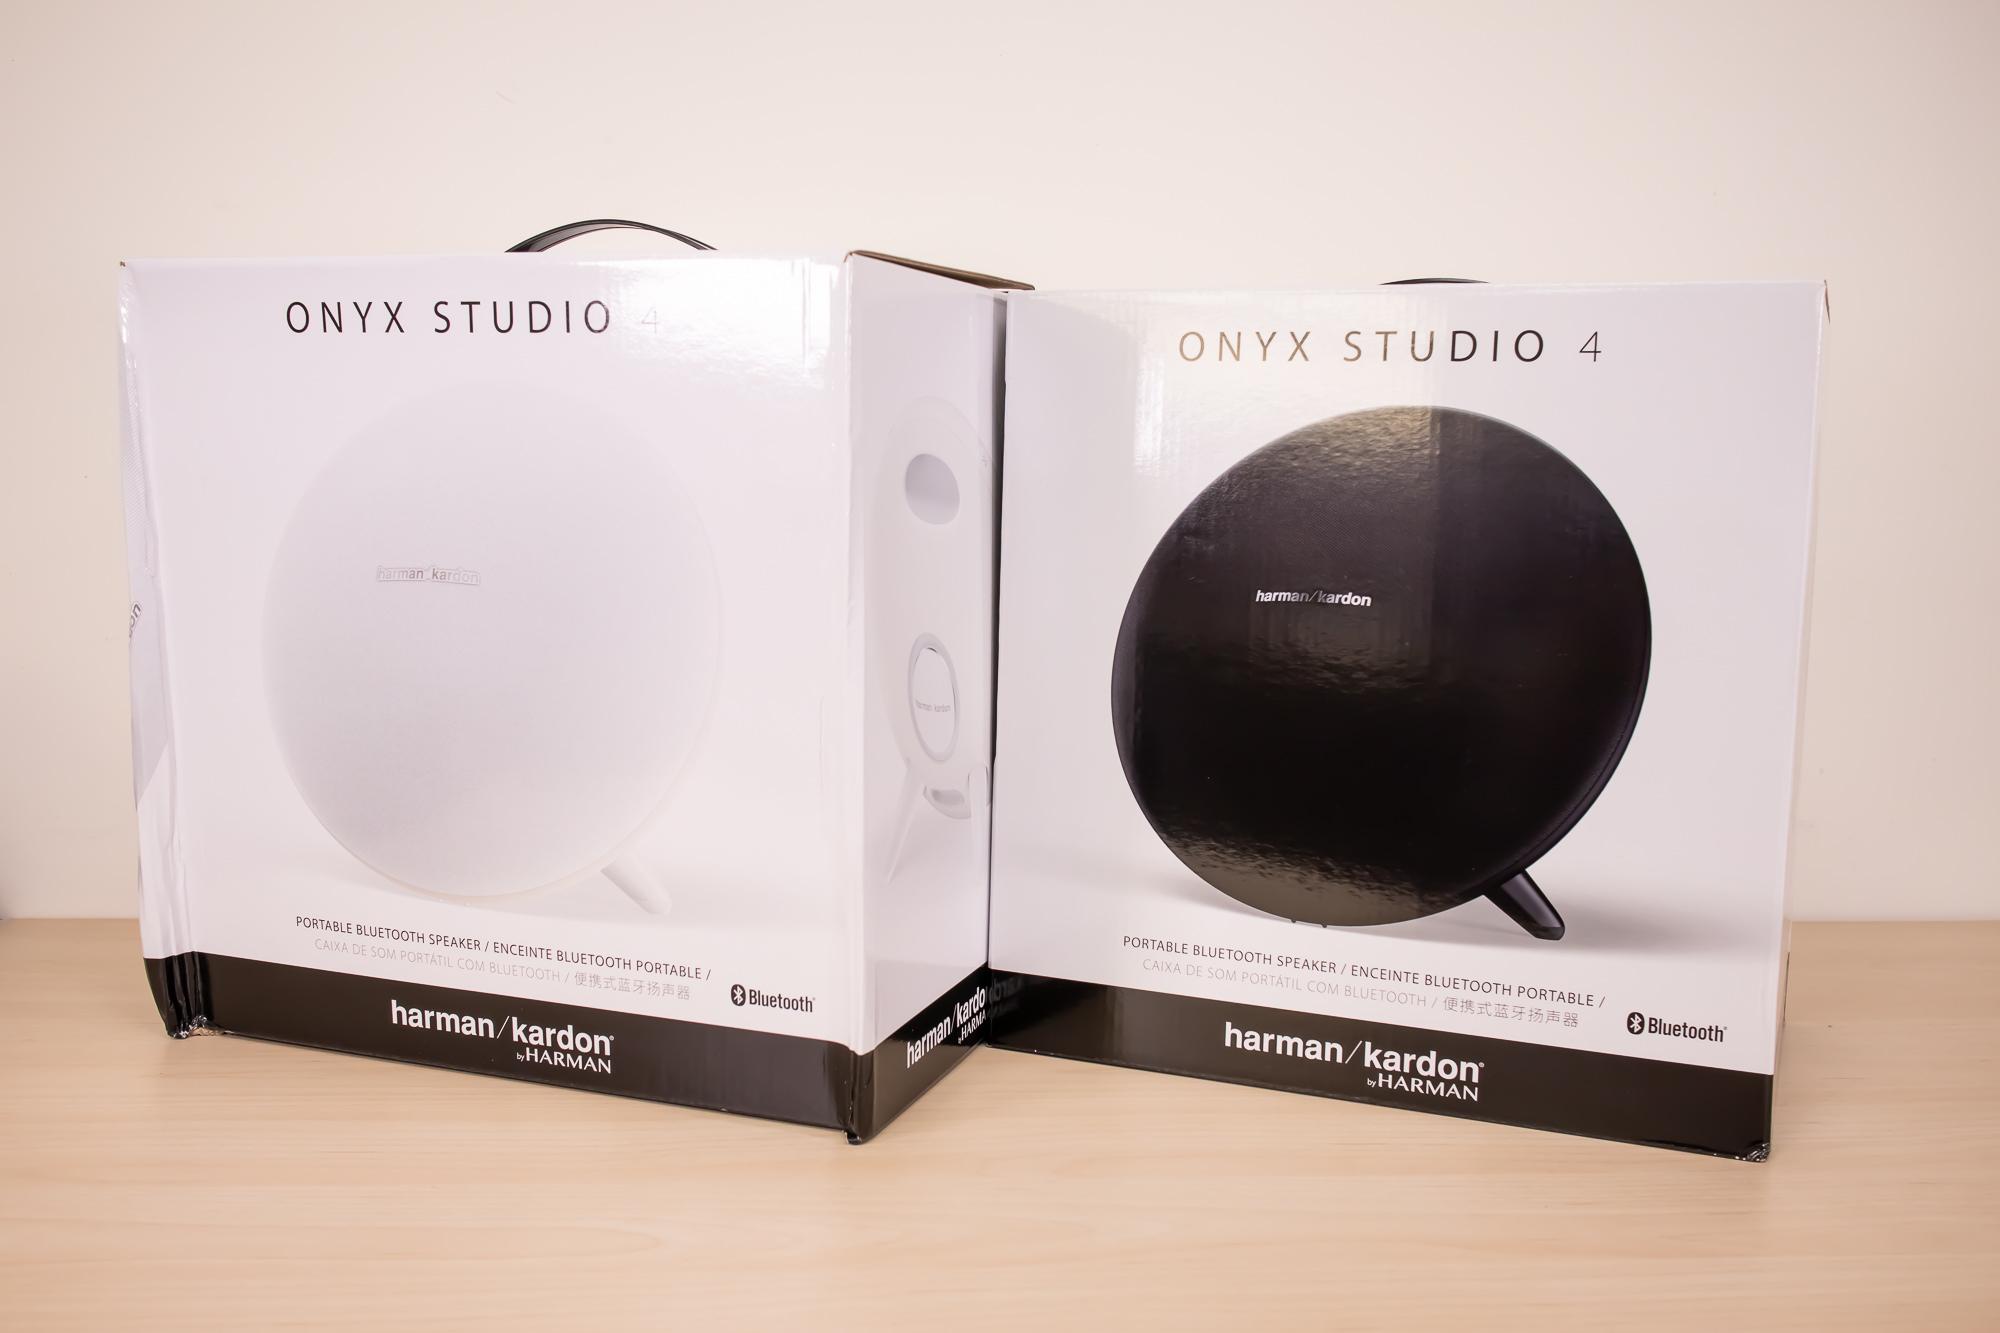 Onyx Studio4